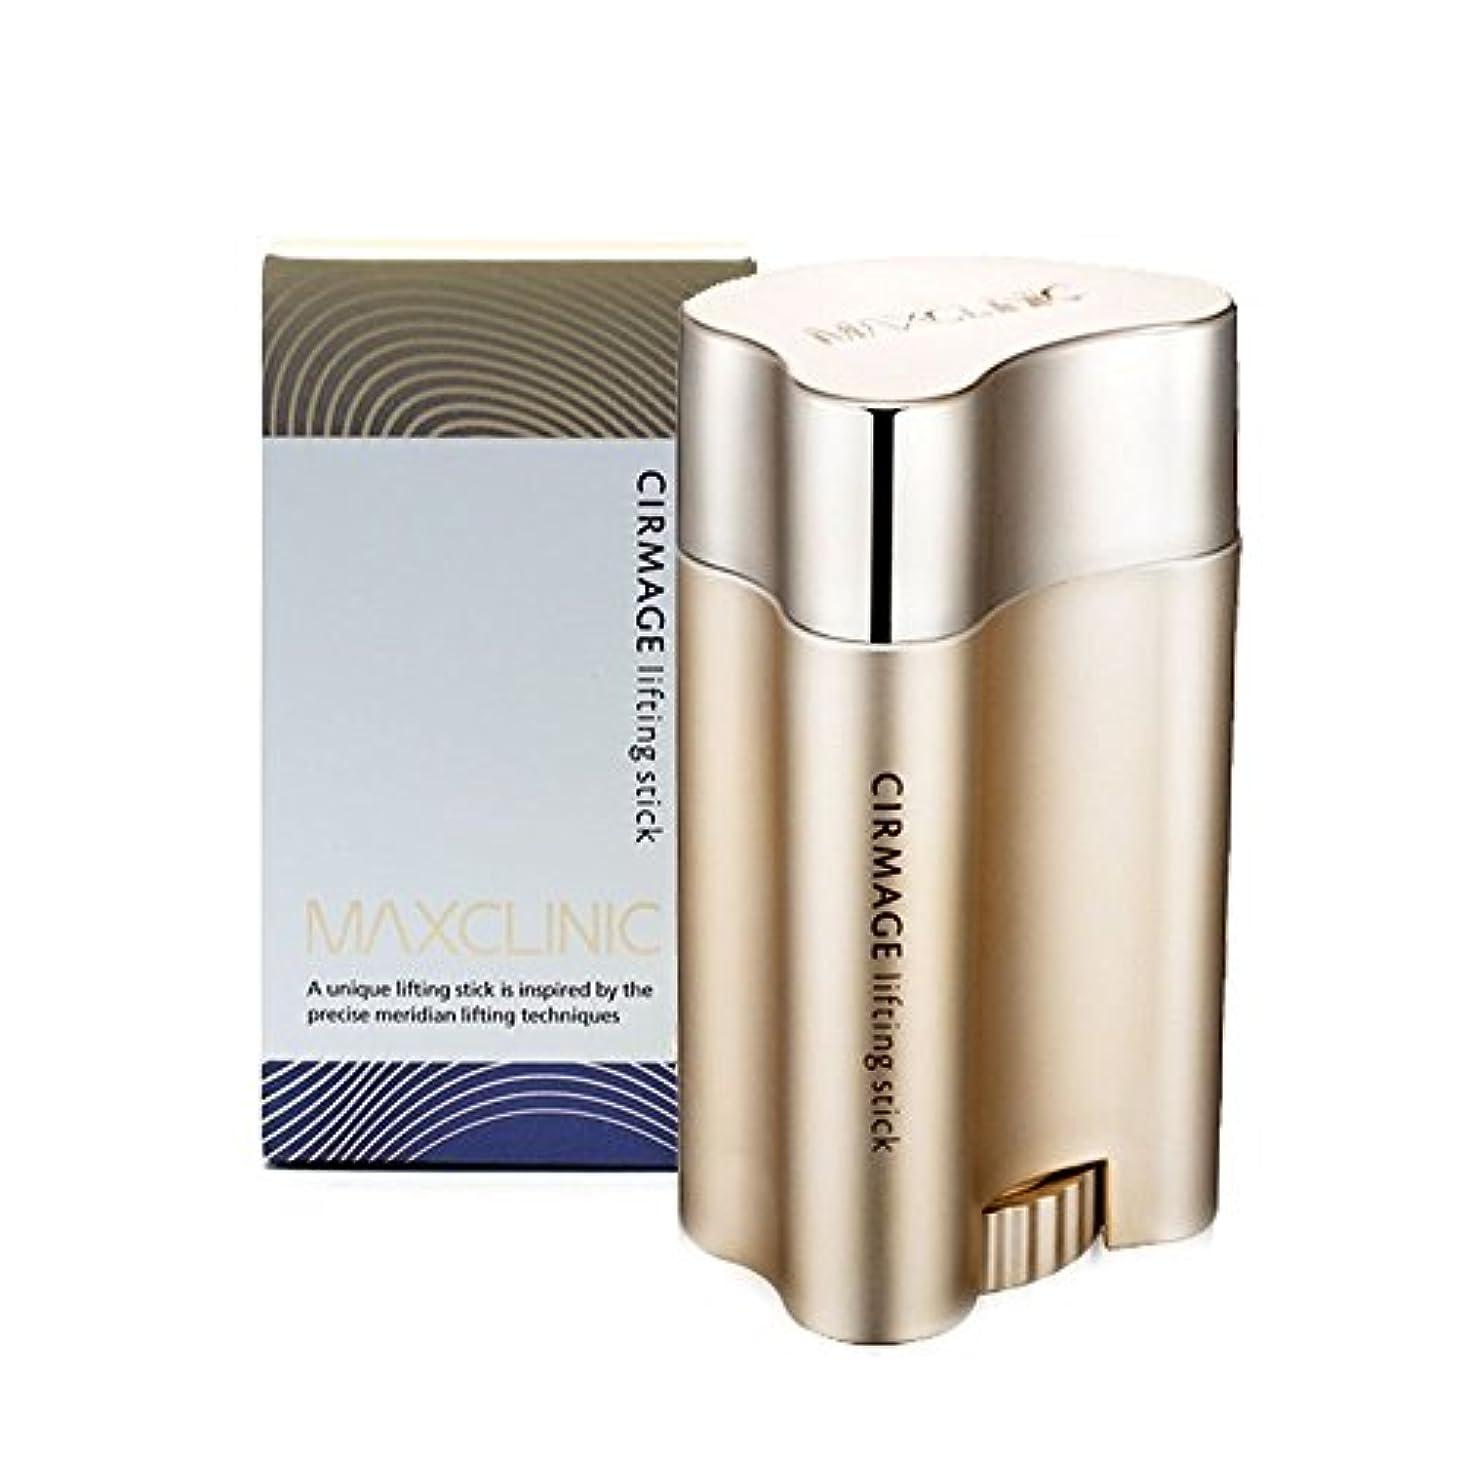 一口カウボーイ蒸気MAXCLINIC マックスクリニック サーメージ リフティング スティック 23g(Cirmage Lifting Stick 23g)/Direct from Korea/w free Gift Sample [並行輸入品]